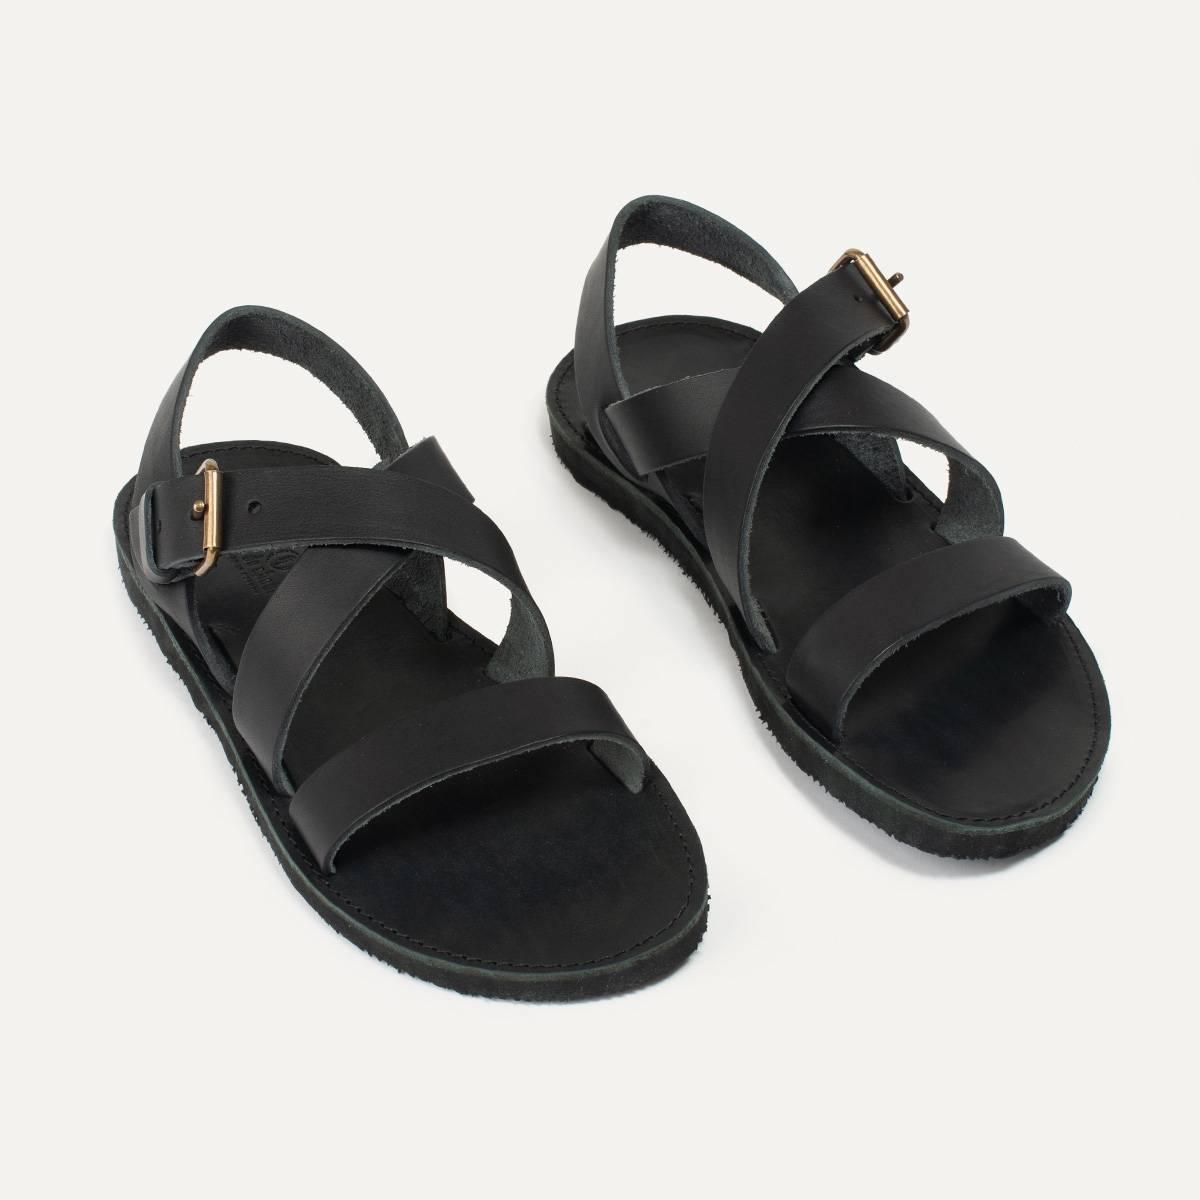 Sandales cuir Iwate - Noir (image n°5)